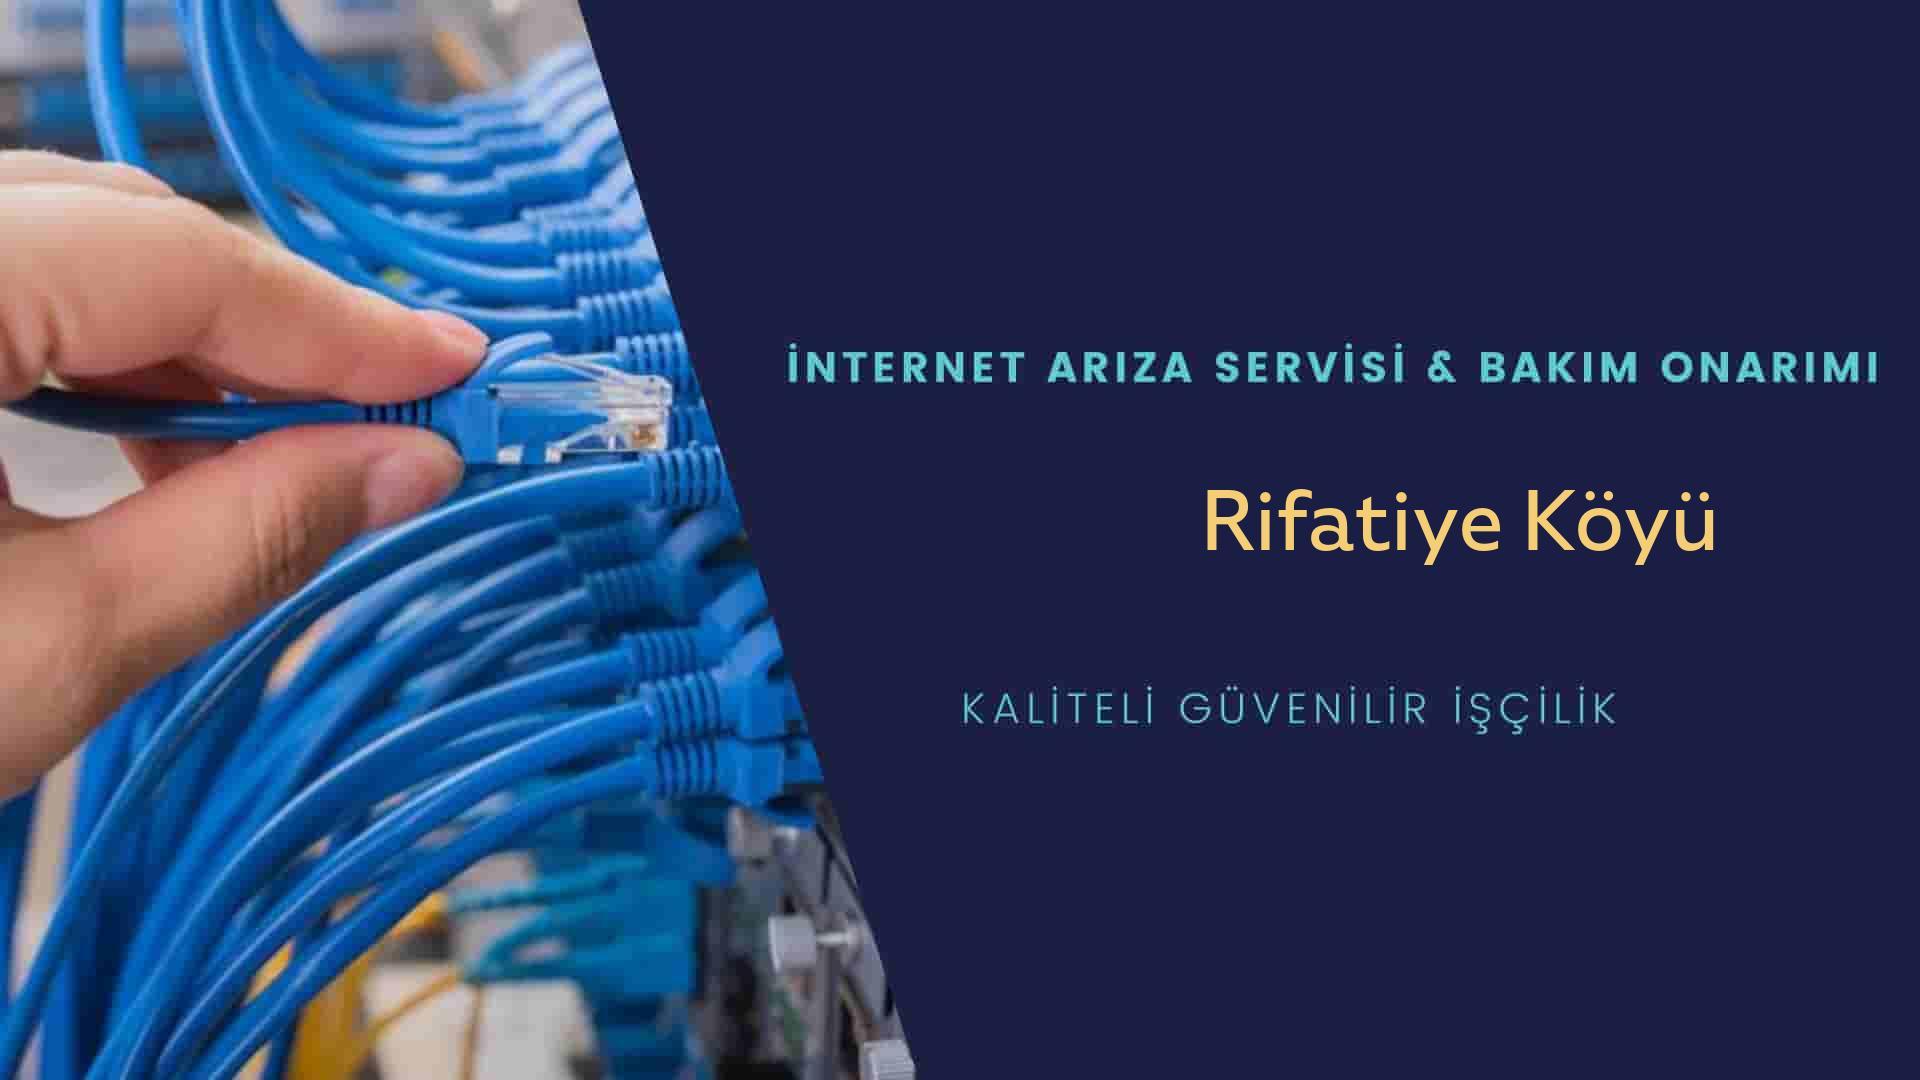 Rifatiye Köyü internet kablosu çekimi yapan yerler veya elektrikçiler mi? arıyorsunuz doğru yerdesiniz o zaman sizlere 7/24 yardımcı olacak profesyonel ustalarımız bir telefon kadar yakındır size.